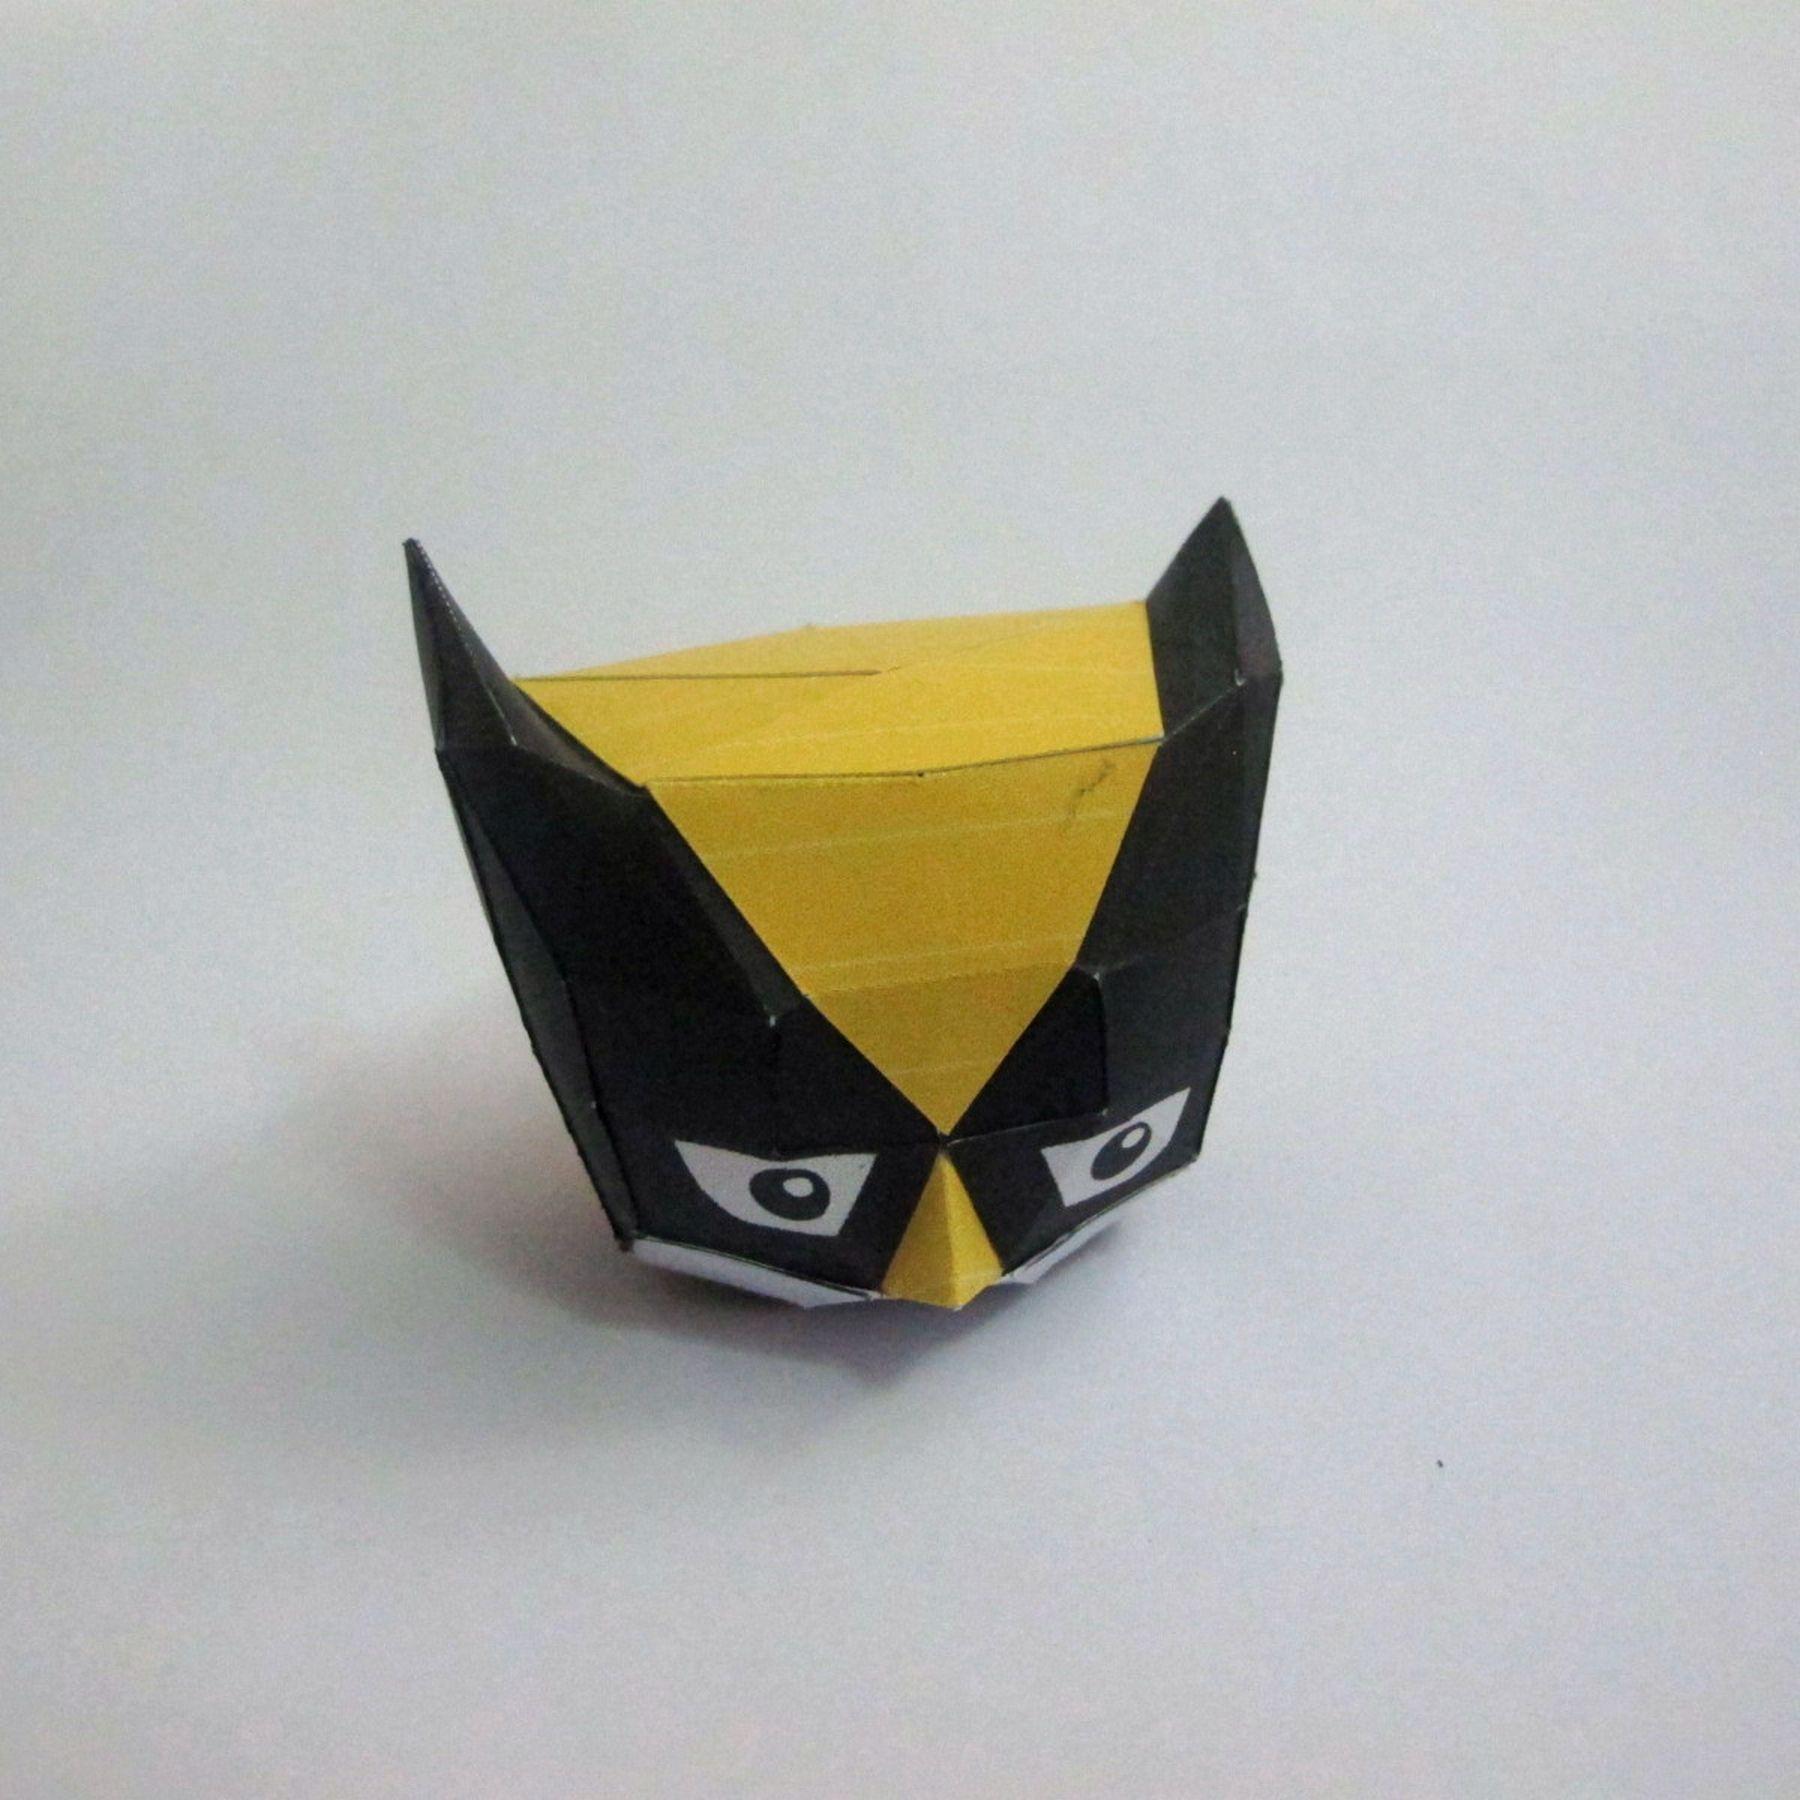 วิธีทำของเล่นโมเดลกระดาษ วูฟเวอรีน (Chibi Wolverine Papercraft Model) 022